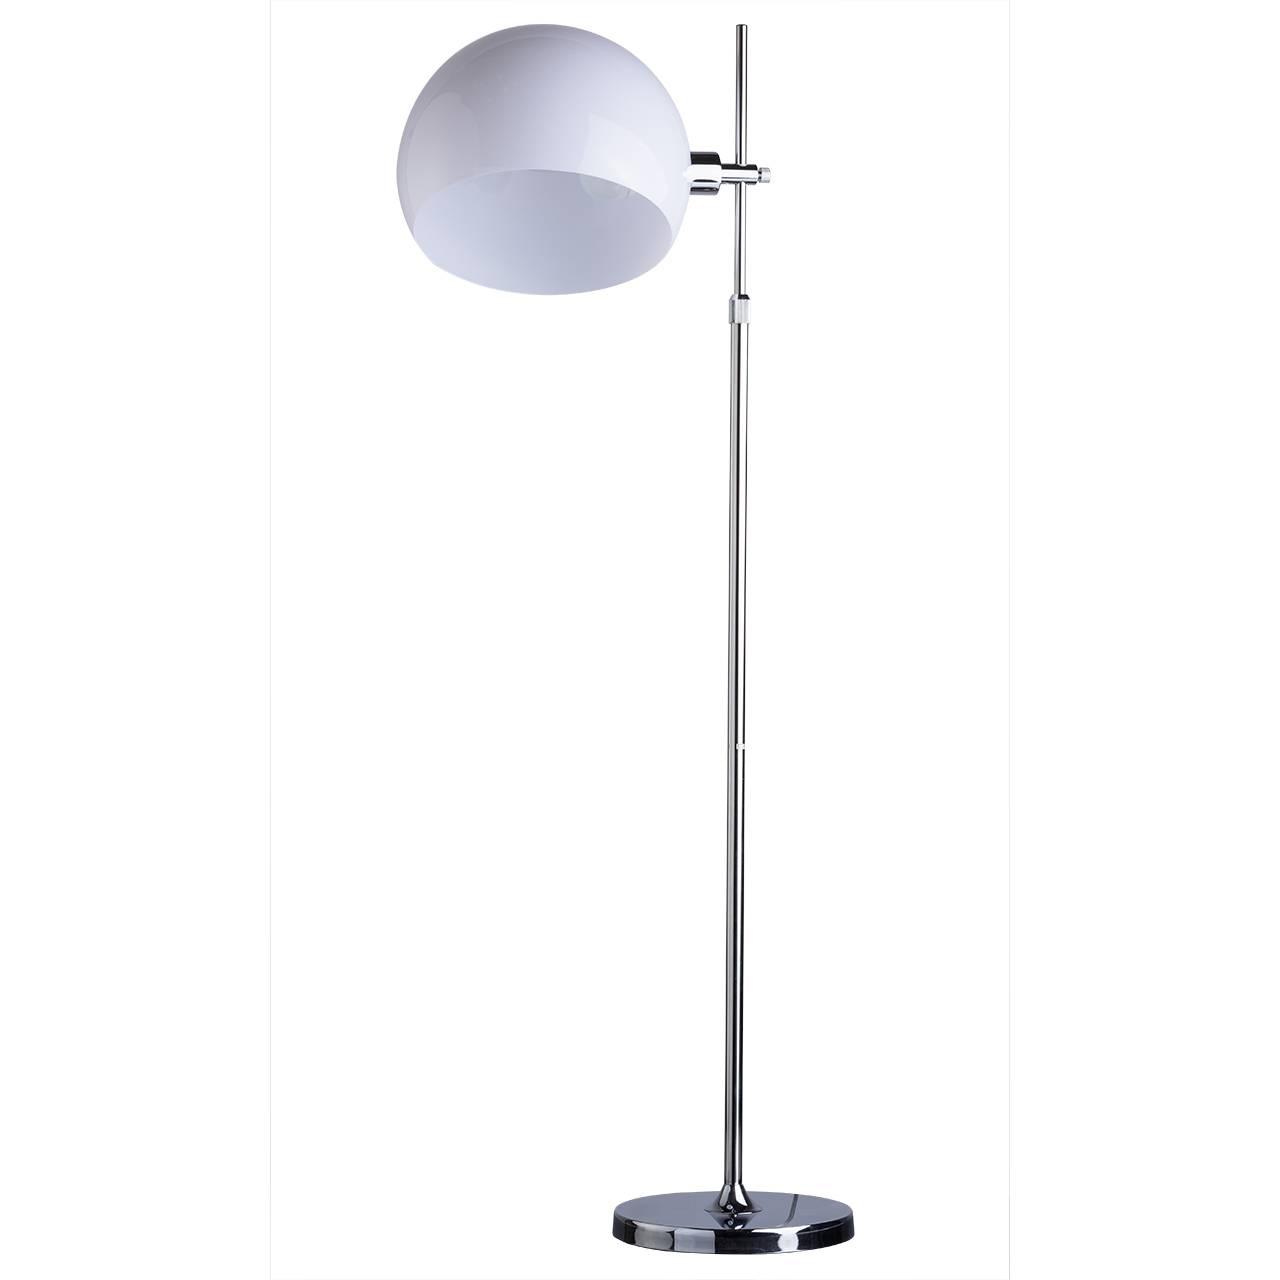 Торшер De Markt Техно 4 300042401 торшер mw light техно 7 300044101